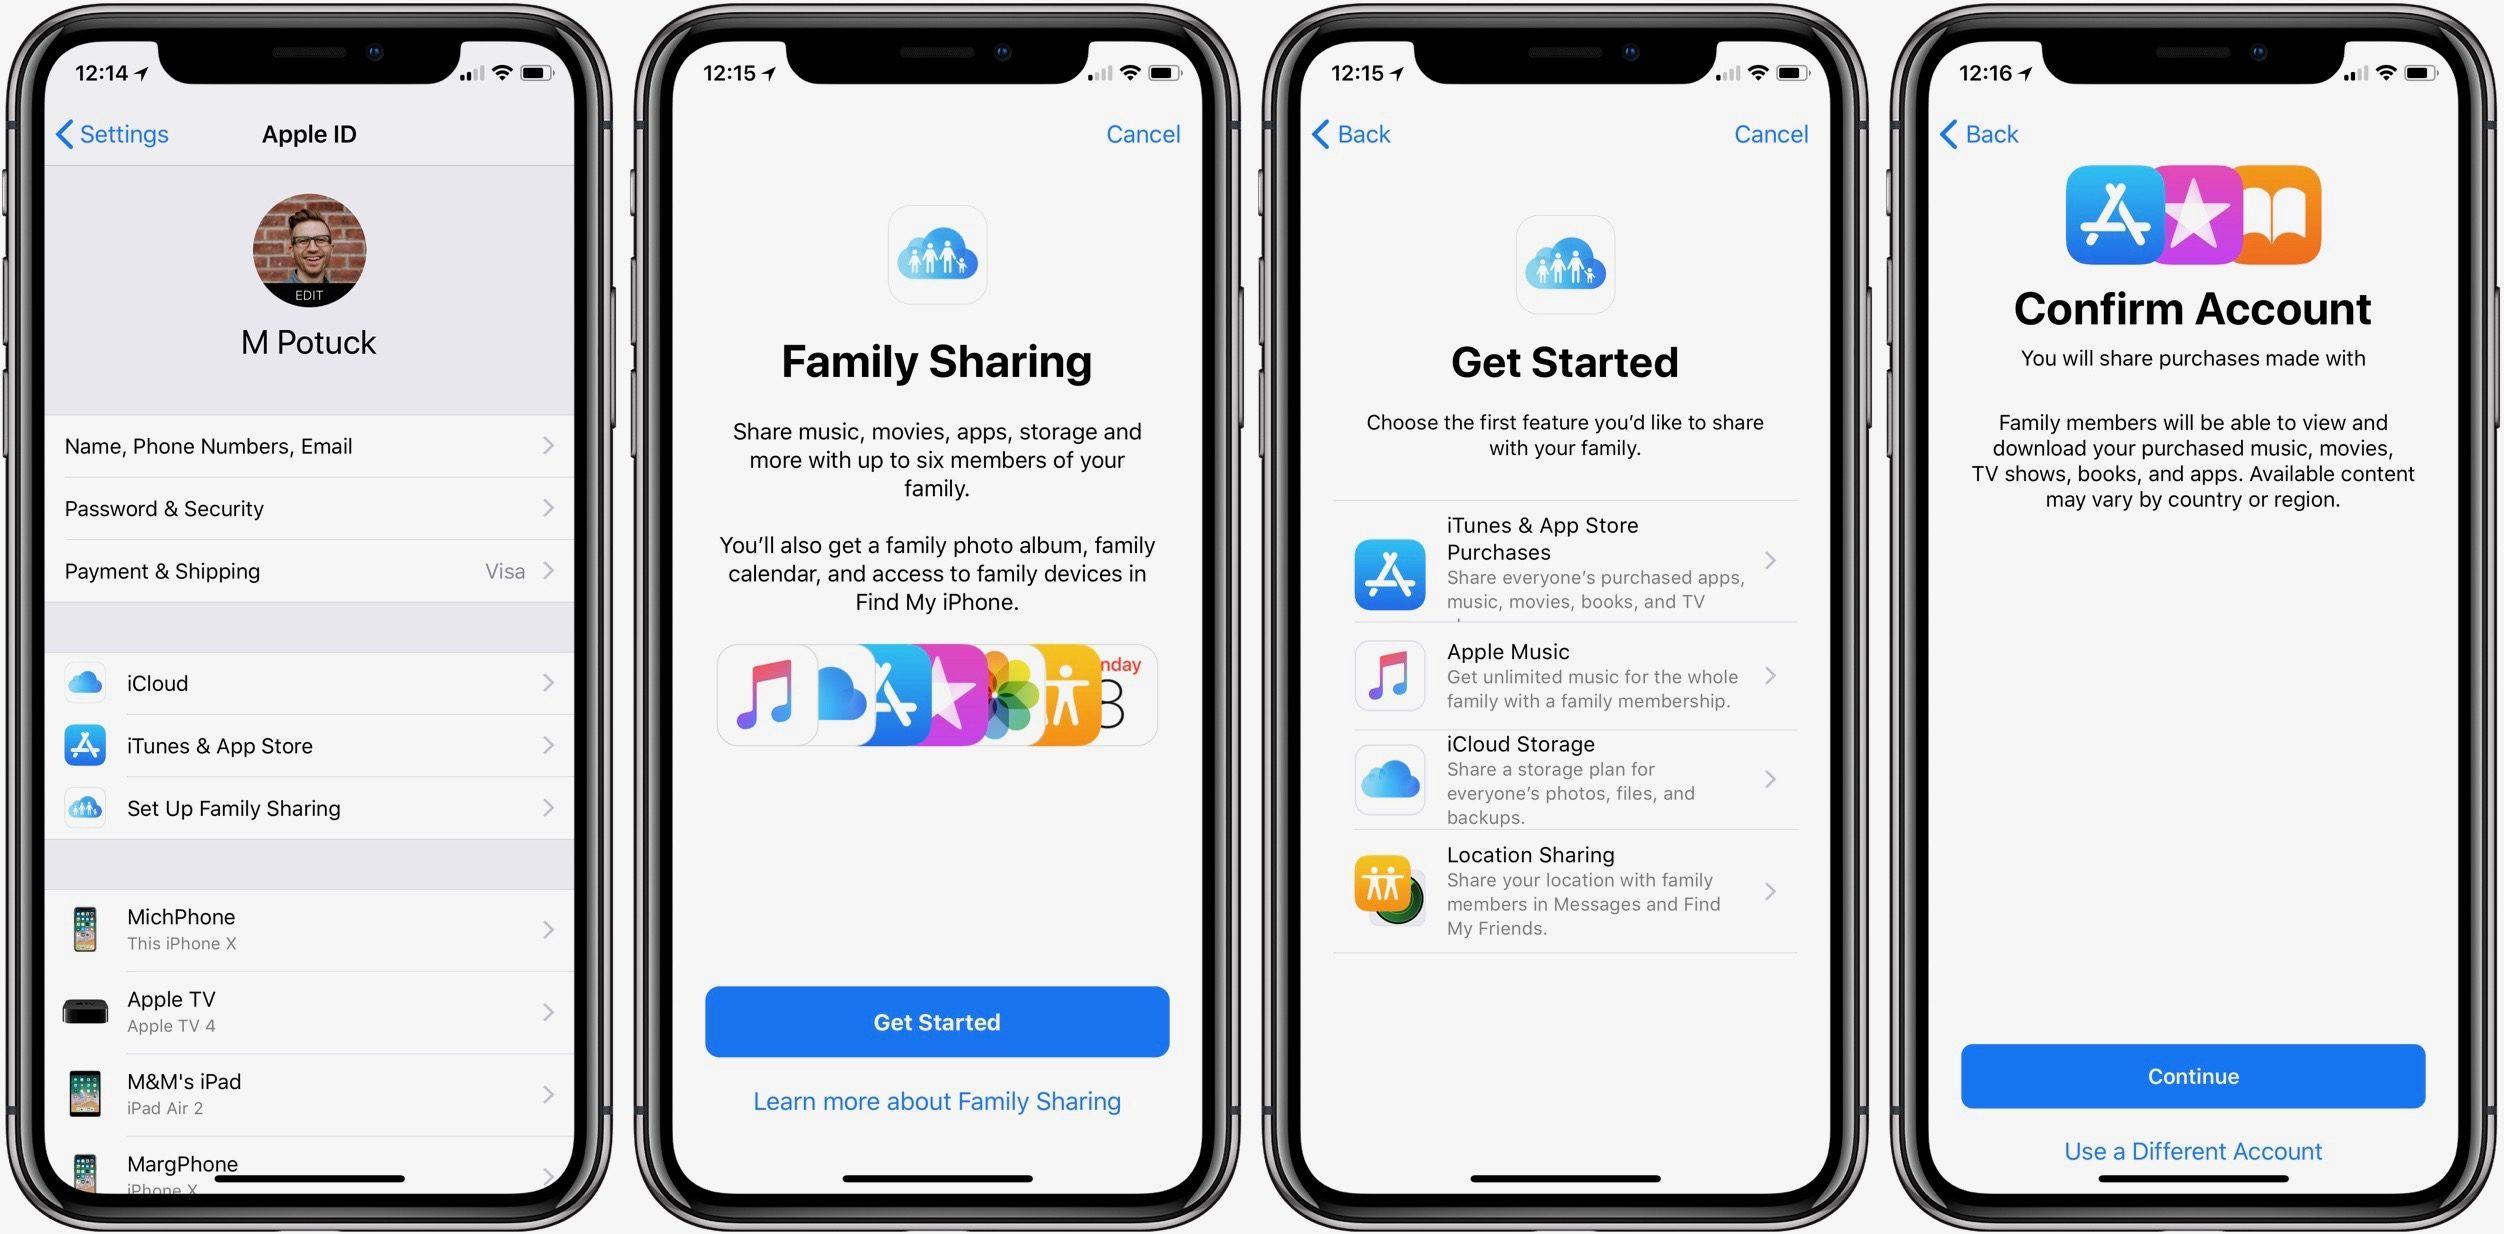 """<span href=""""https://9to5mac.com/2018/03/19/how-to-set-up-family-sharing-iphone-ipad/"""">Cómo configurar Familia a Compartir y crear un niño ID de Apple en el iPhone y el iPad</a>"""